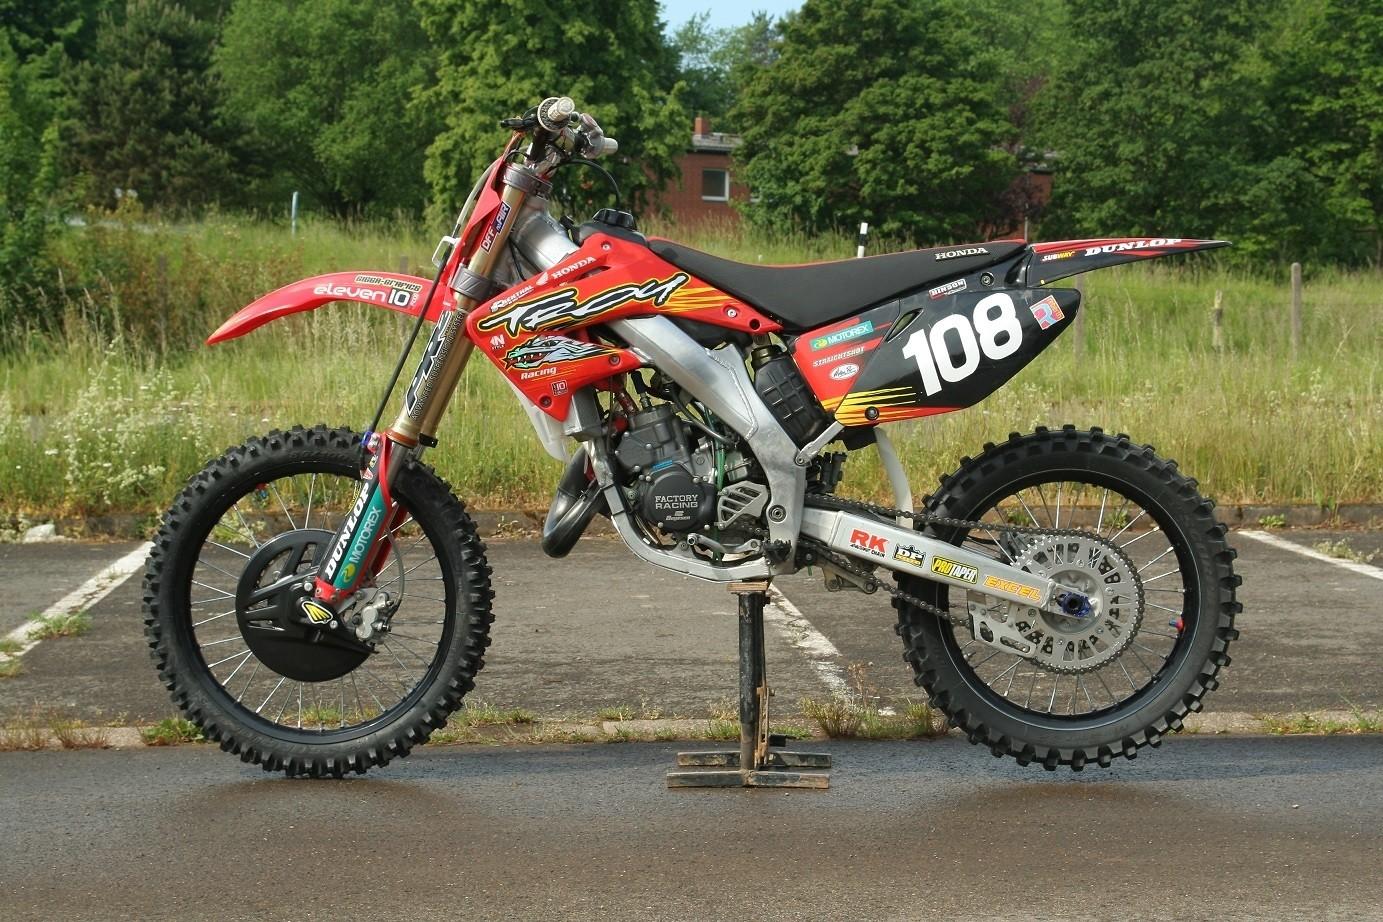 Honda Of Troy >> CR 125 Honda of Troy - Eljott's Bike Check - Vital MX